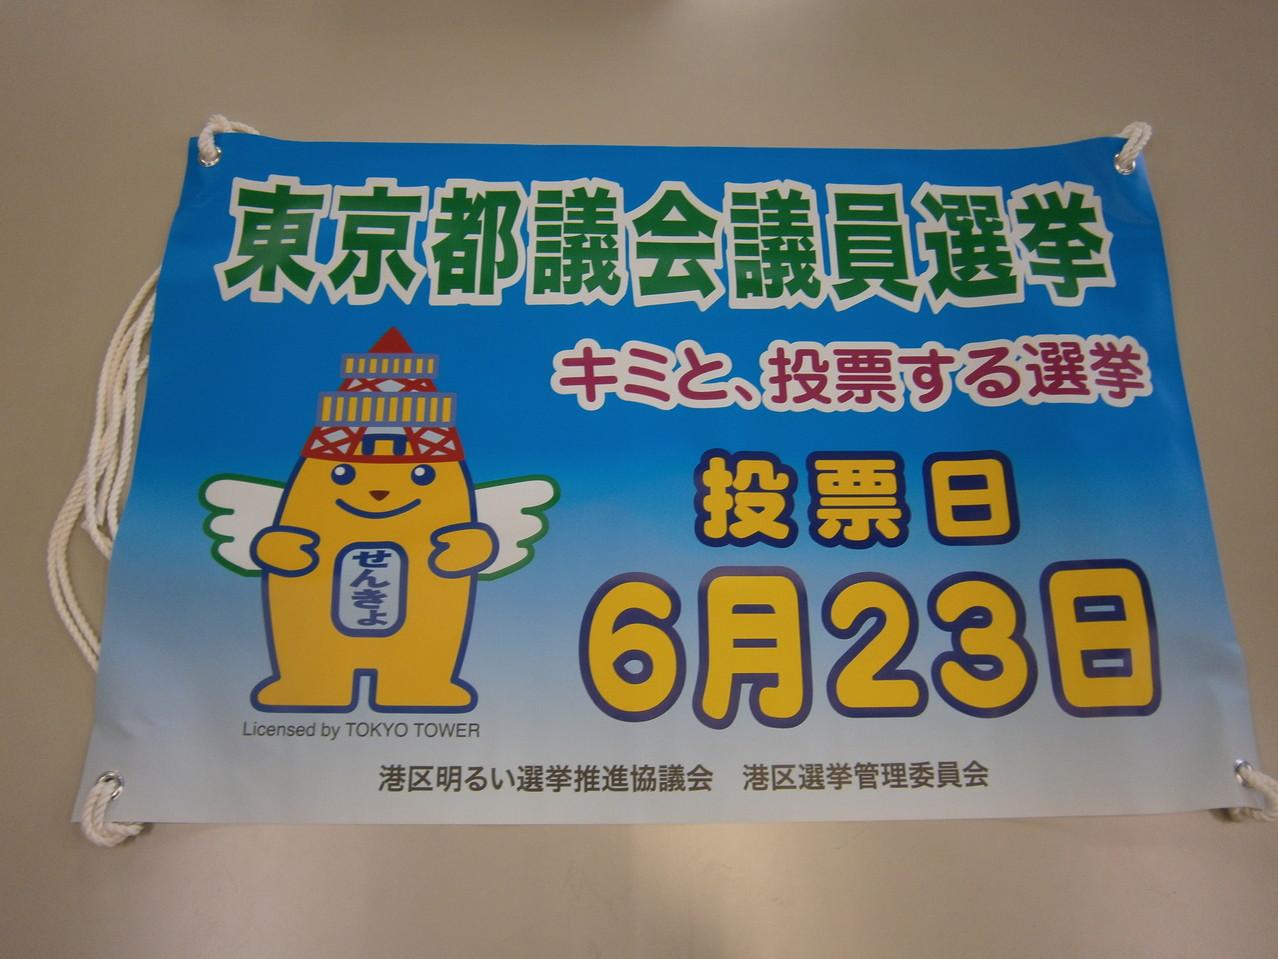 バスマスク(バスの前に取付ける広告)例